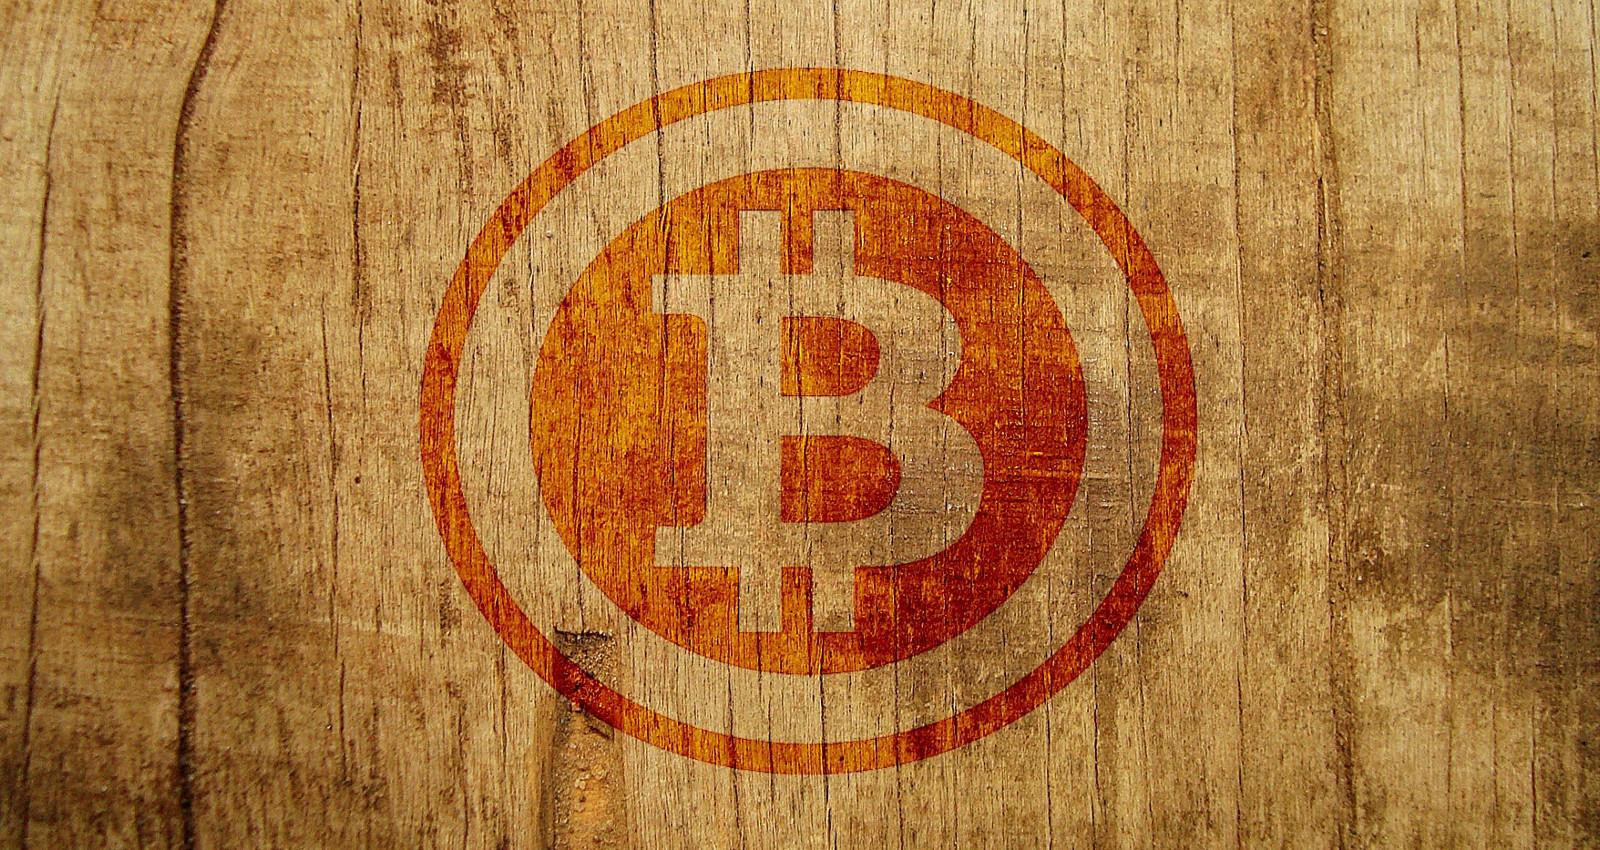 Industrien die Bitcoin beeinflusst